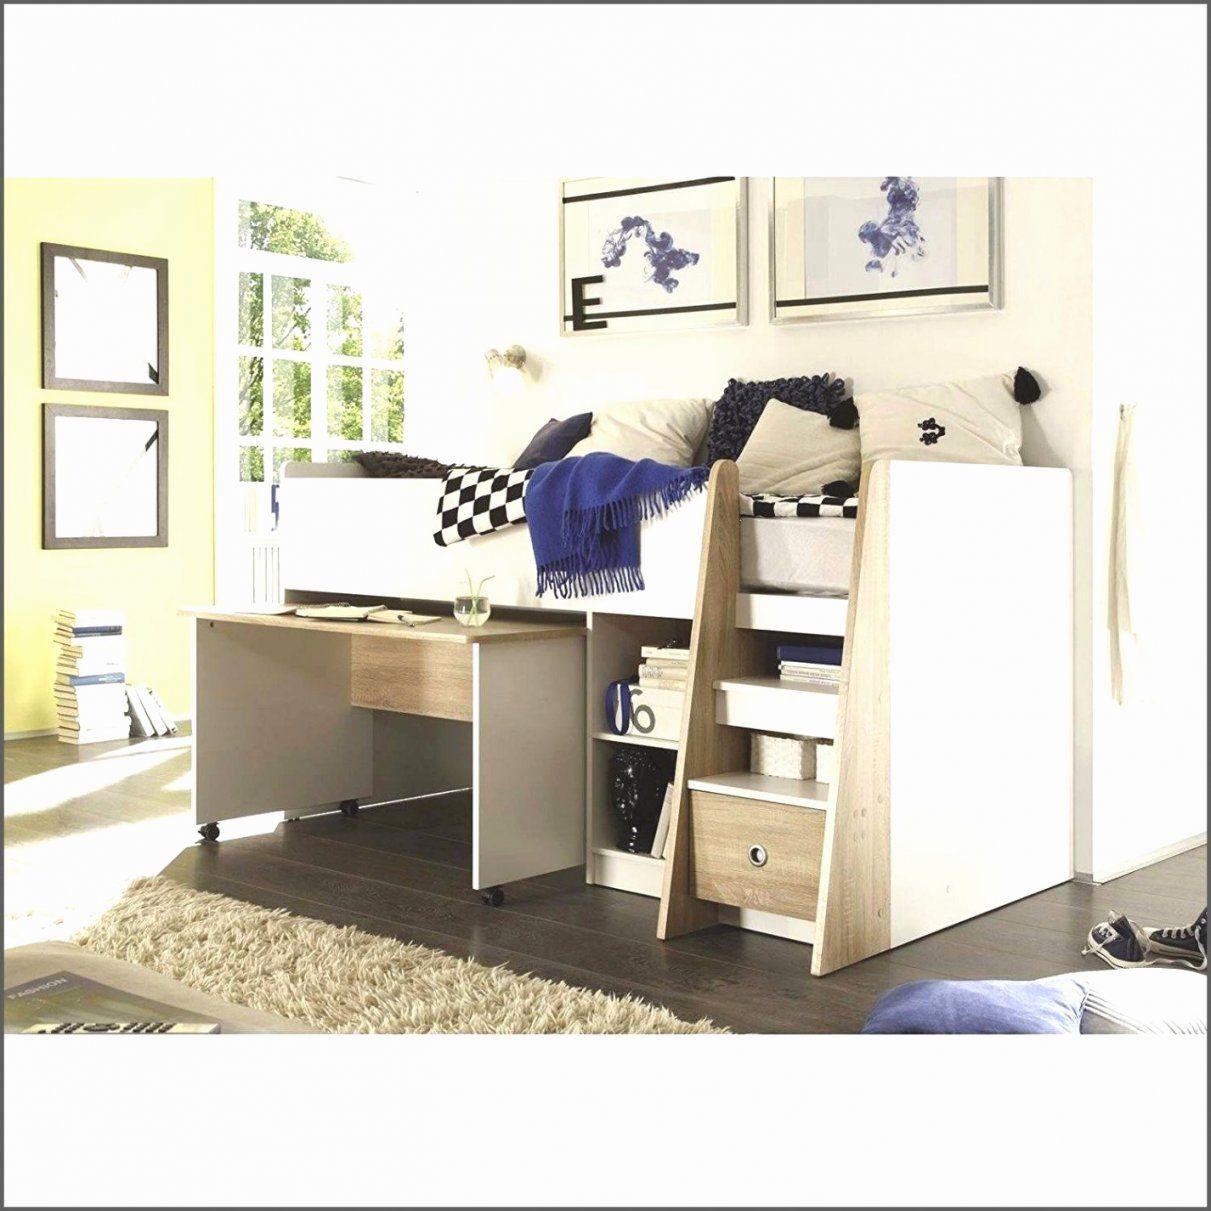 Hochbett Mit Schreibtisch Poco Einzigartig Kinderbett Poco – Schöne von Hochbett Mit Schreibtisch Poco Bild